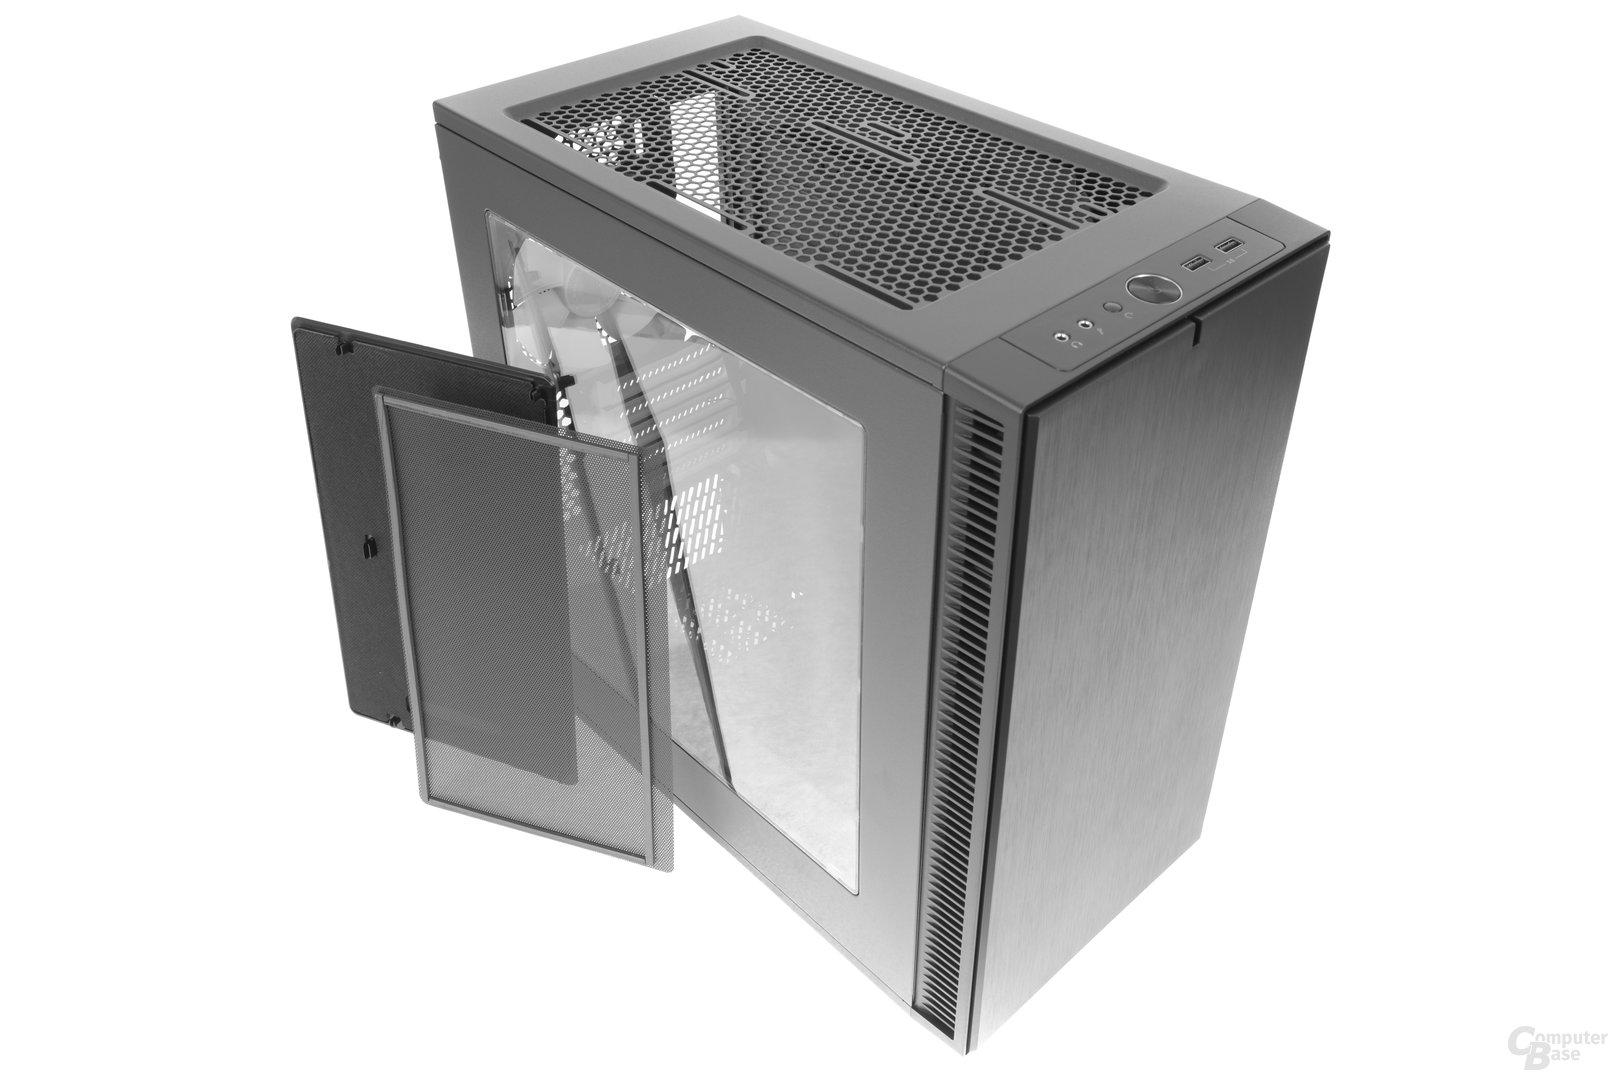 Fractal Design Define Mini C – Abdeckung entfernt